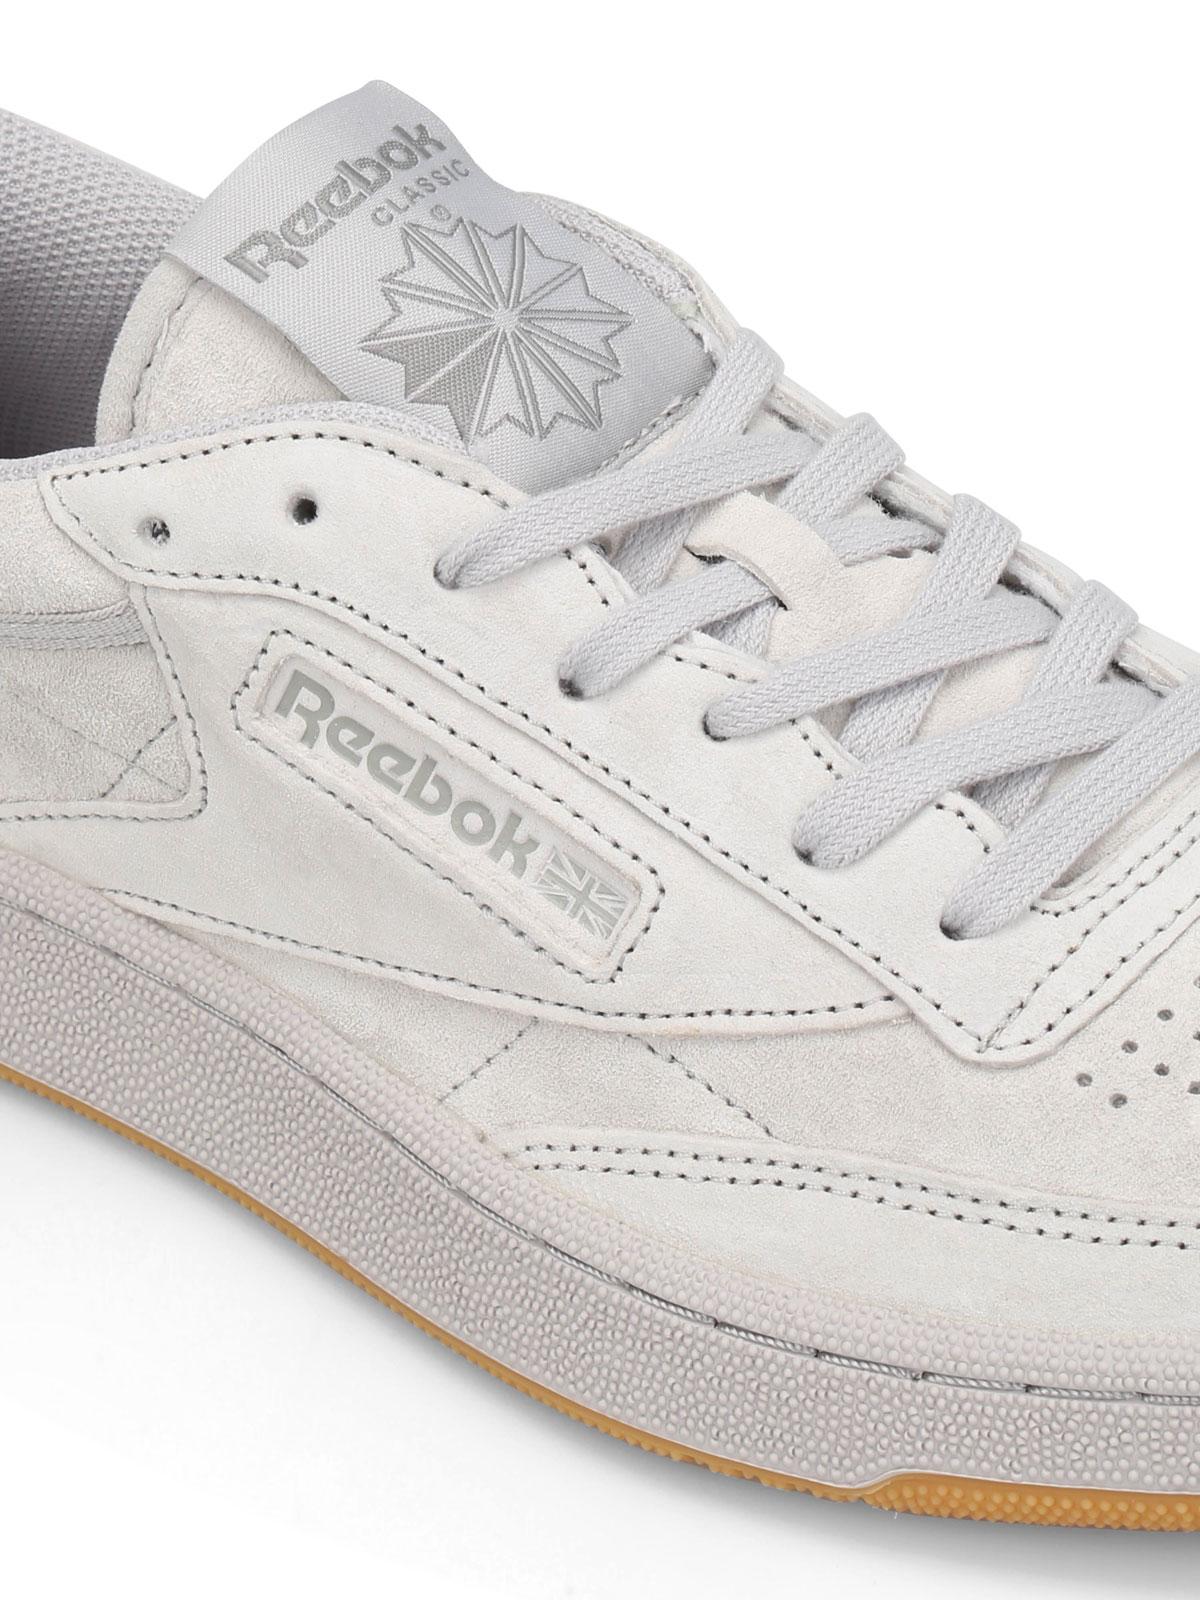 Reebok - Club C 85 Suede sneakers